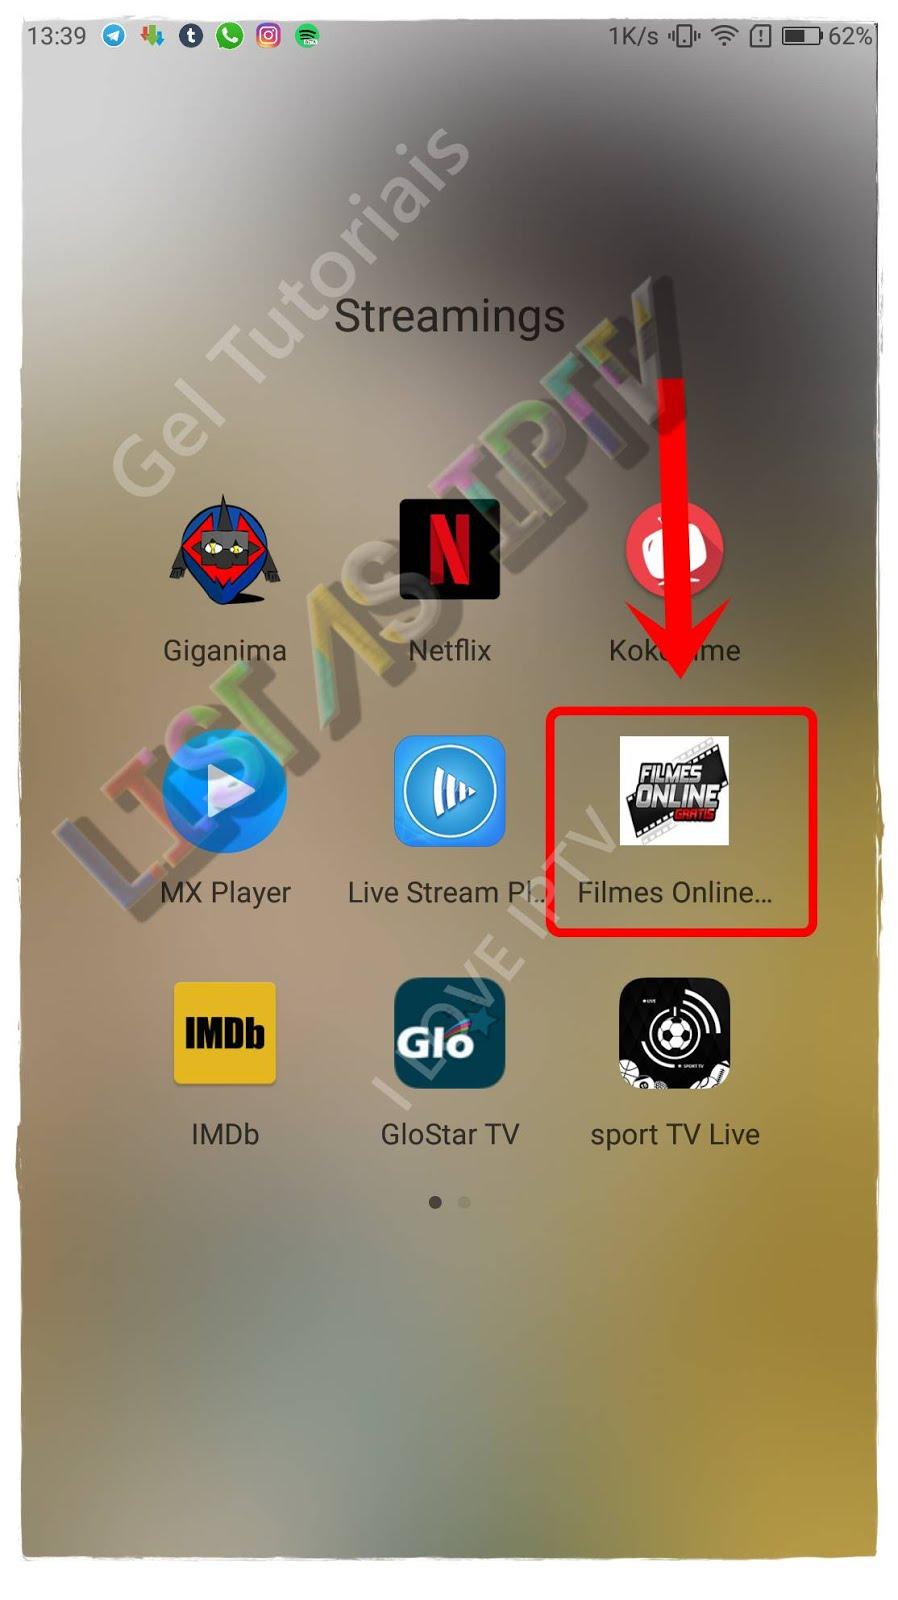 apk para assistir filmes online gratis